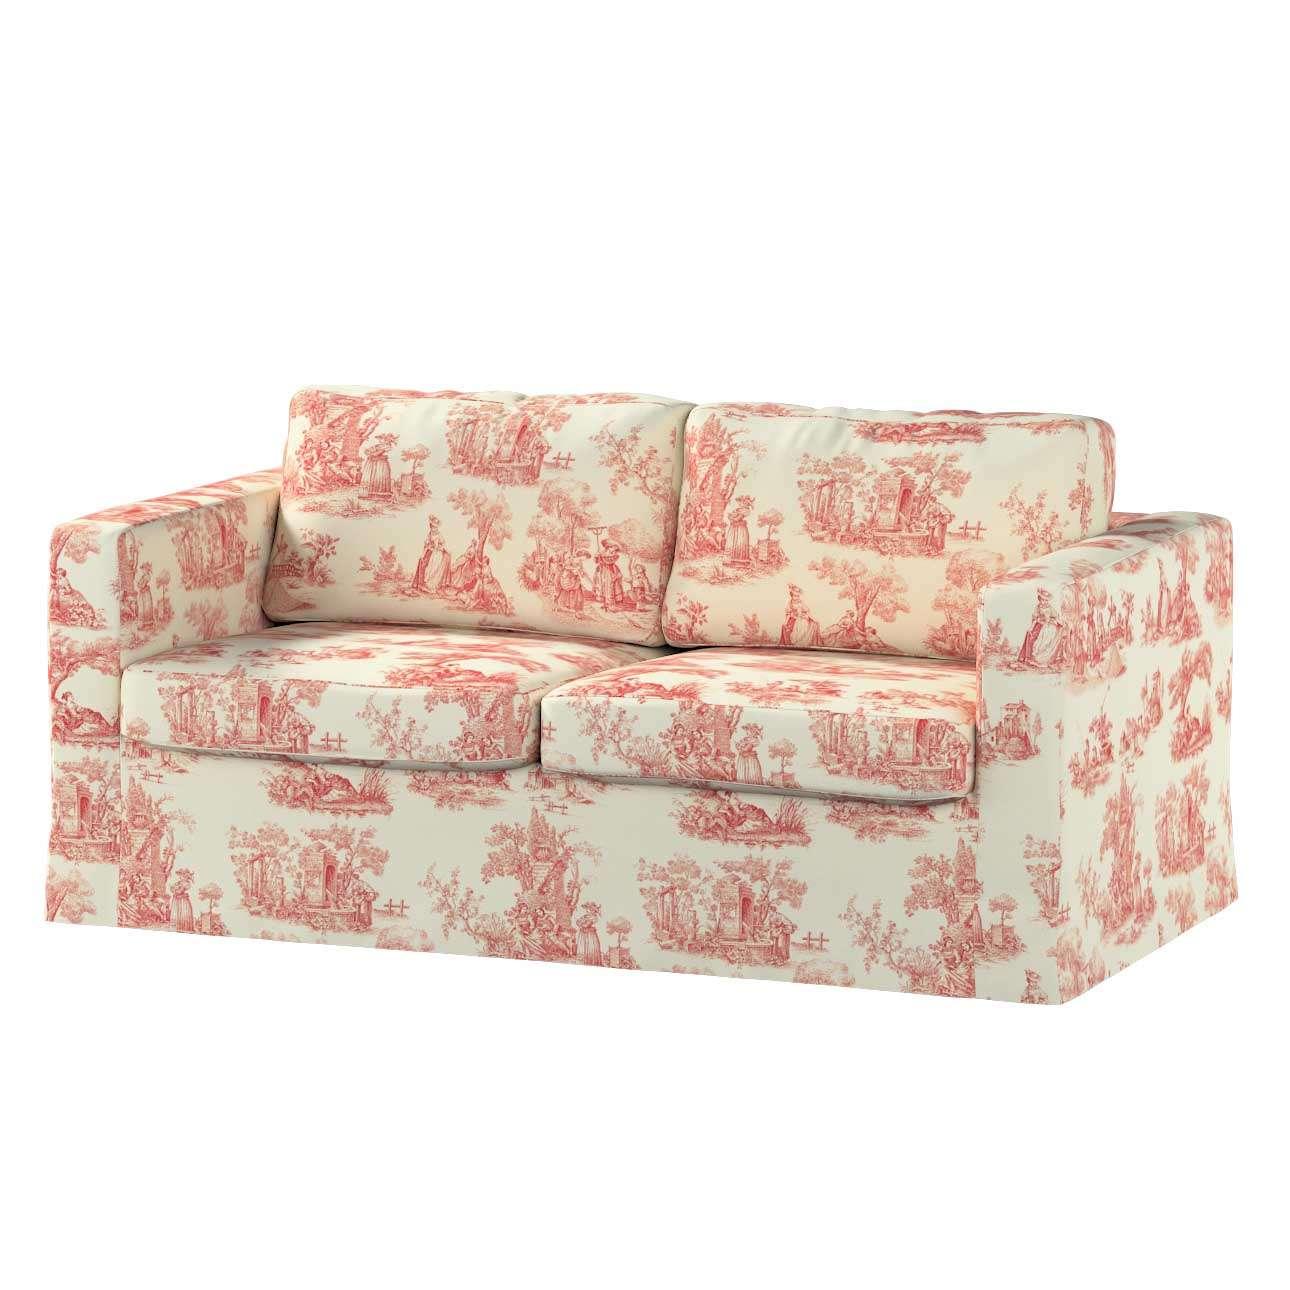 Pokrowiec na sofę Karlstad 2-osobową nierozkładaną długi Sofa Karlstad 2-osobowa w kolekcji Avinon, tkanina: 132-15